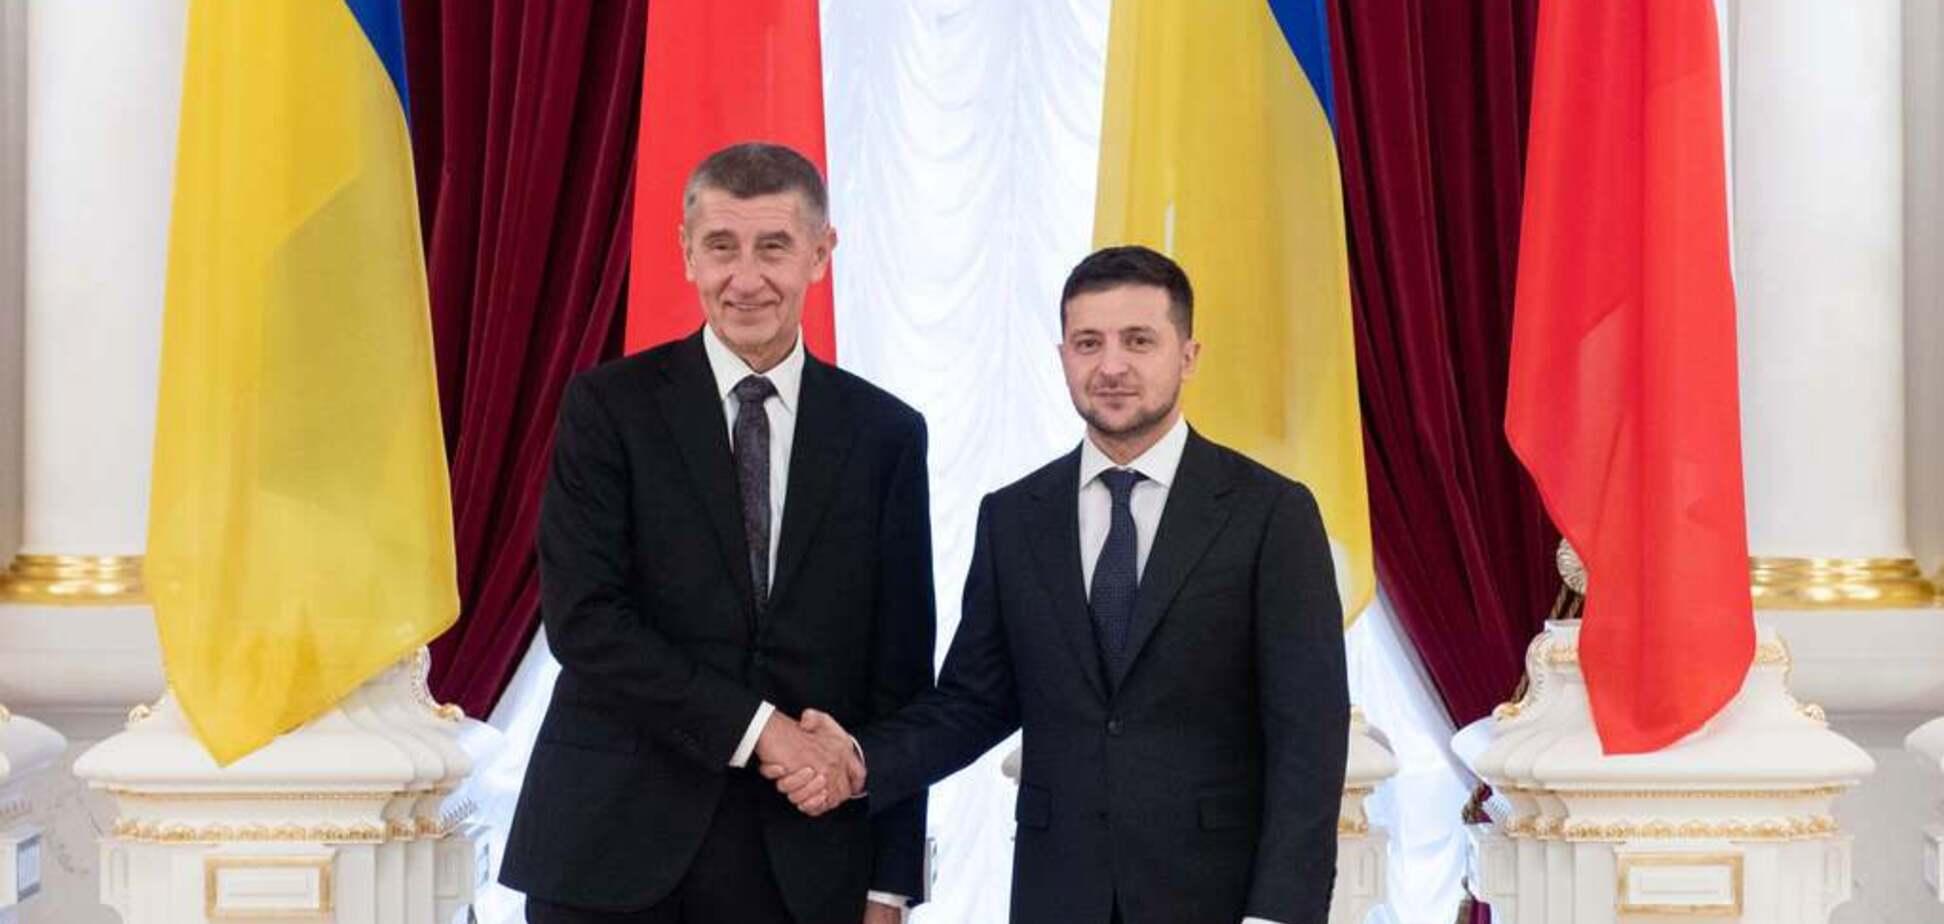 Андрій Бабіш і ВолодимирЗеленський